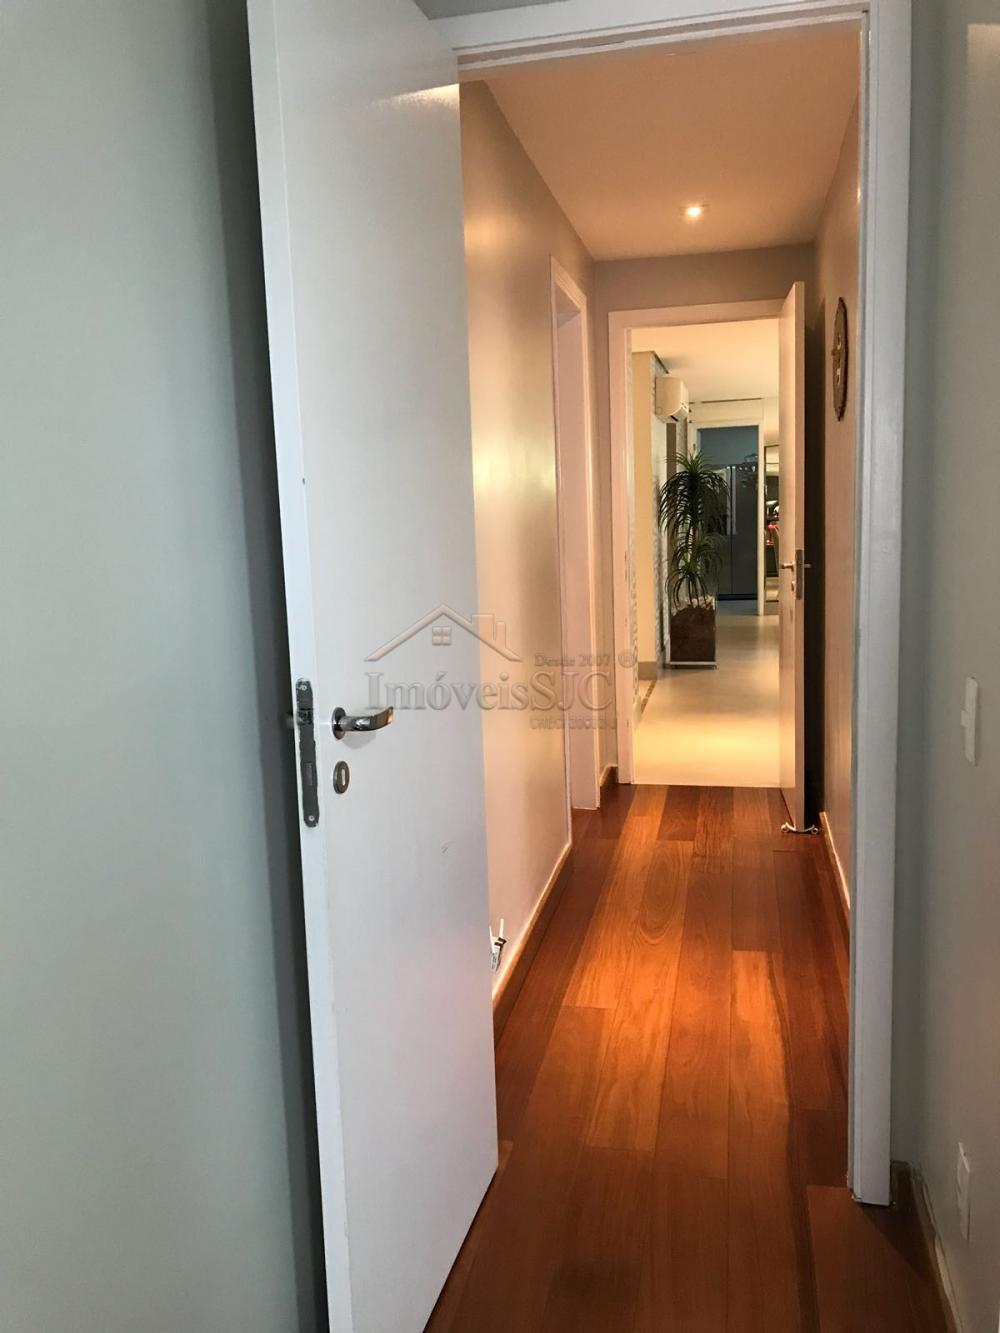 Alugar Apartamentos / Padrão em São José dos Campos apenas R$ 4.800,00 - Foto 10